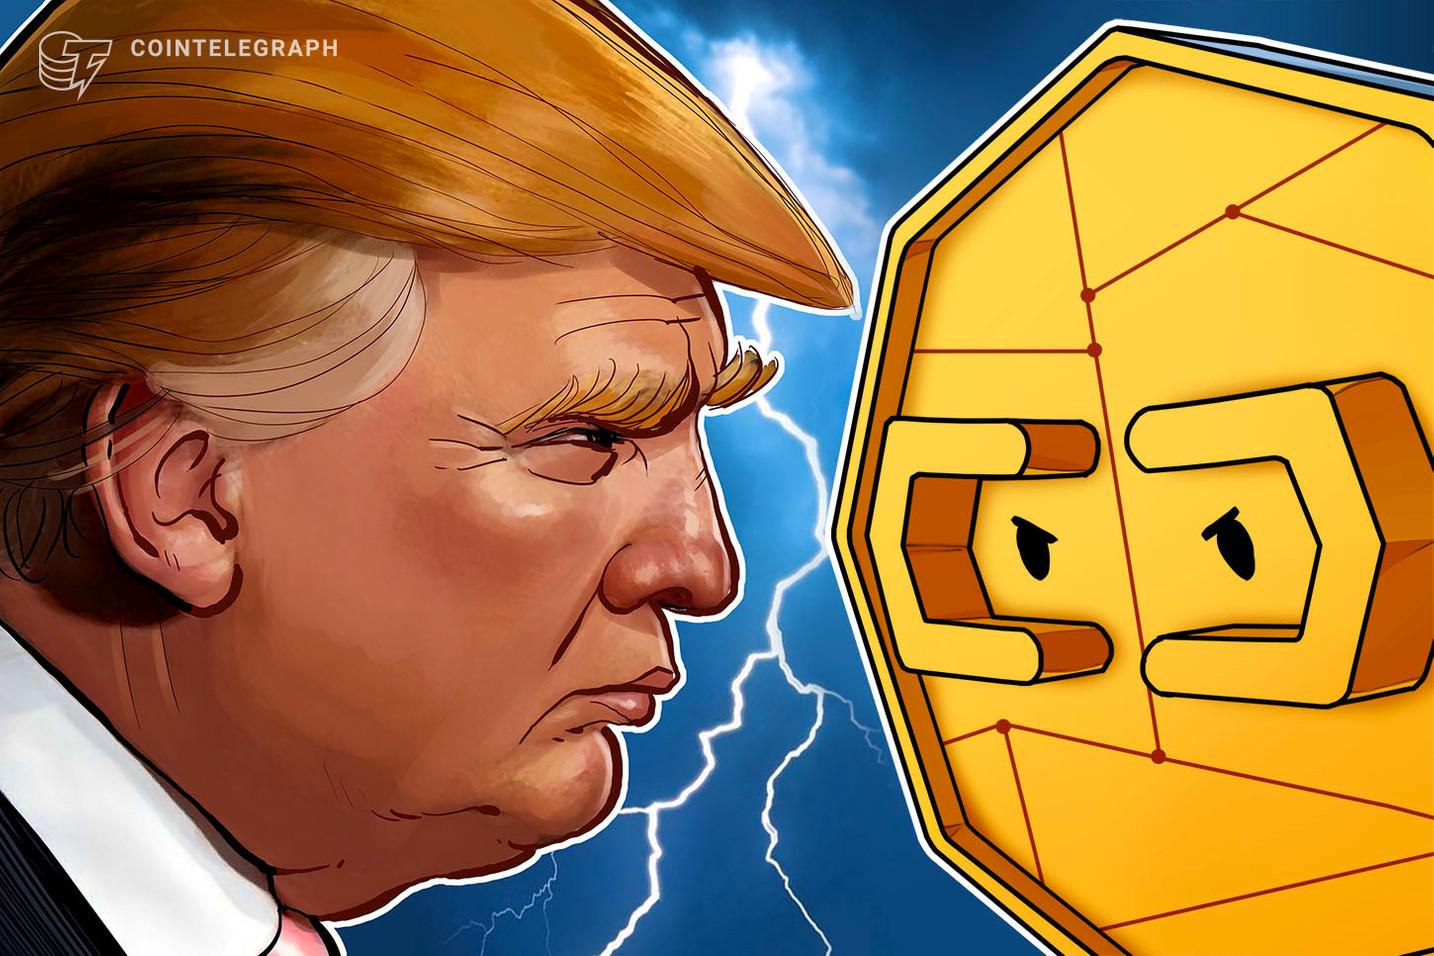 Mercados de previsão cripto se voltam contra Trump após o primeiro debate